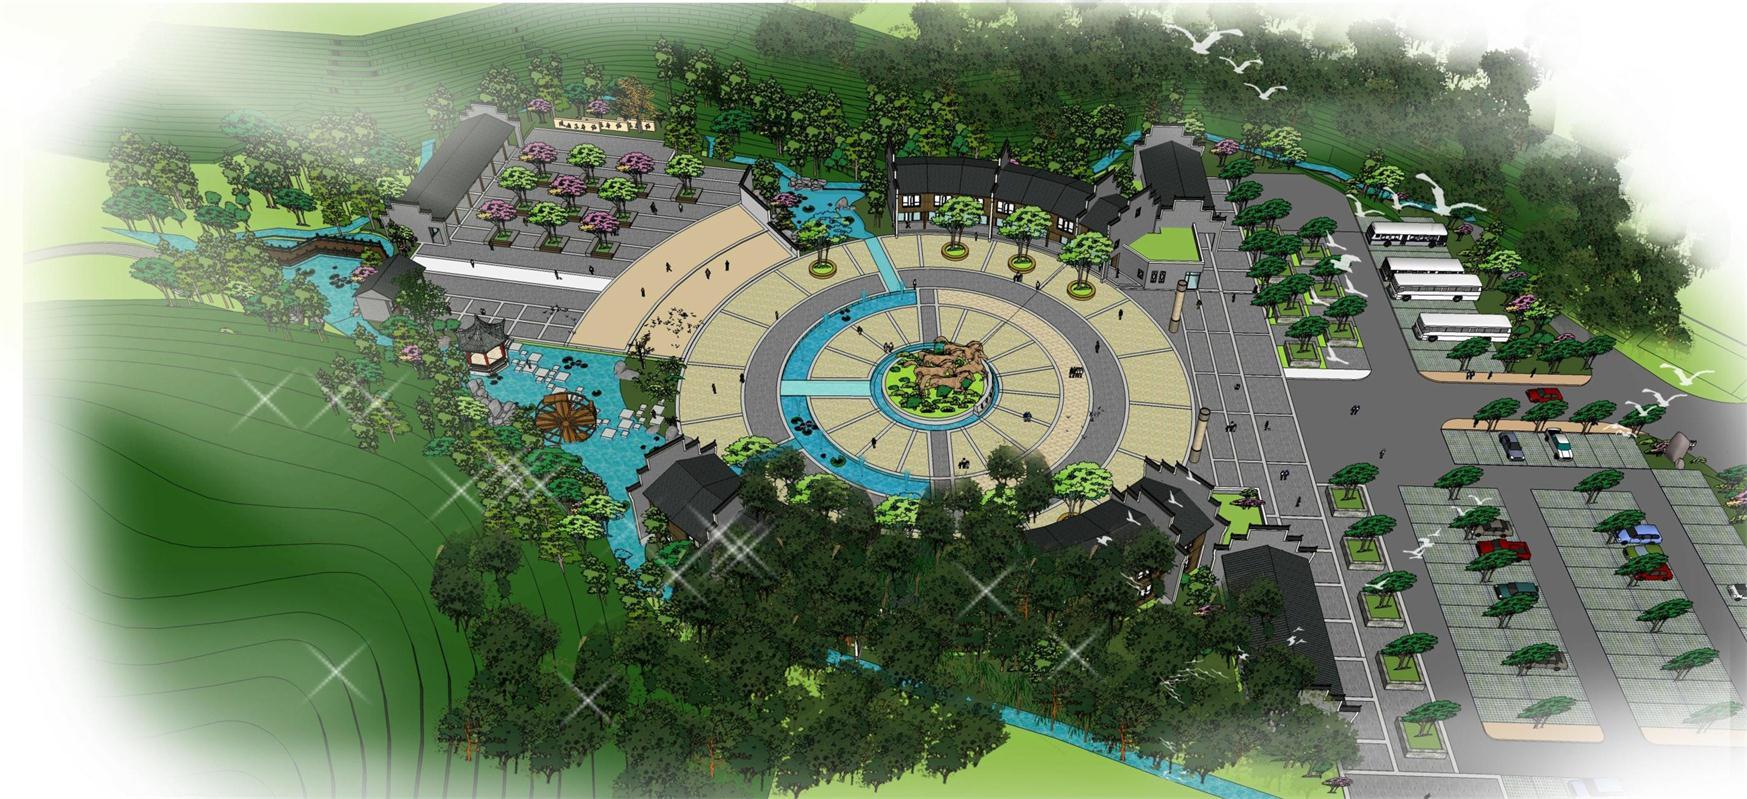 常宁庙前石马地质公园景观规划设计